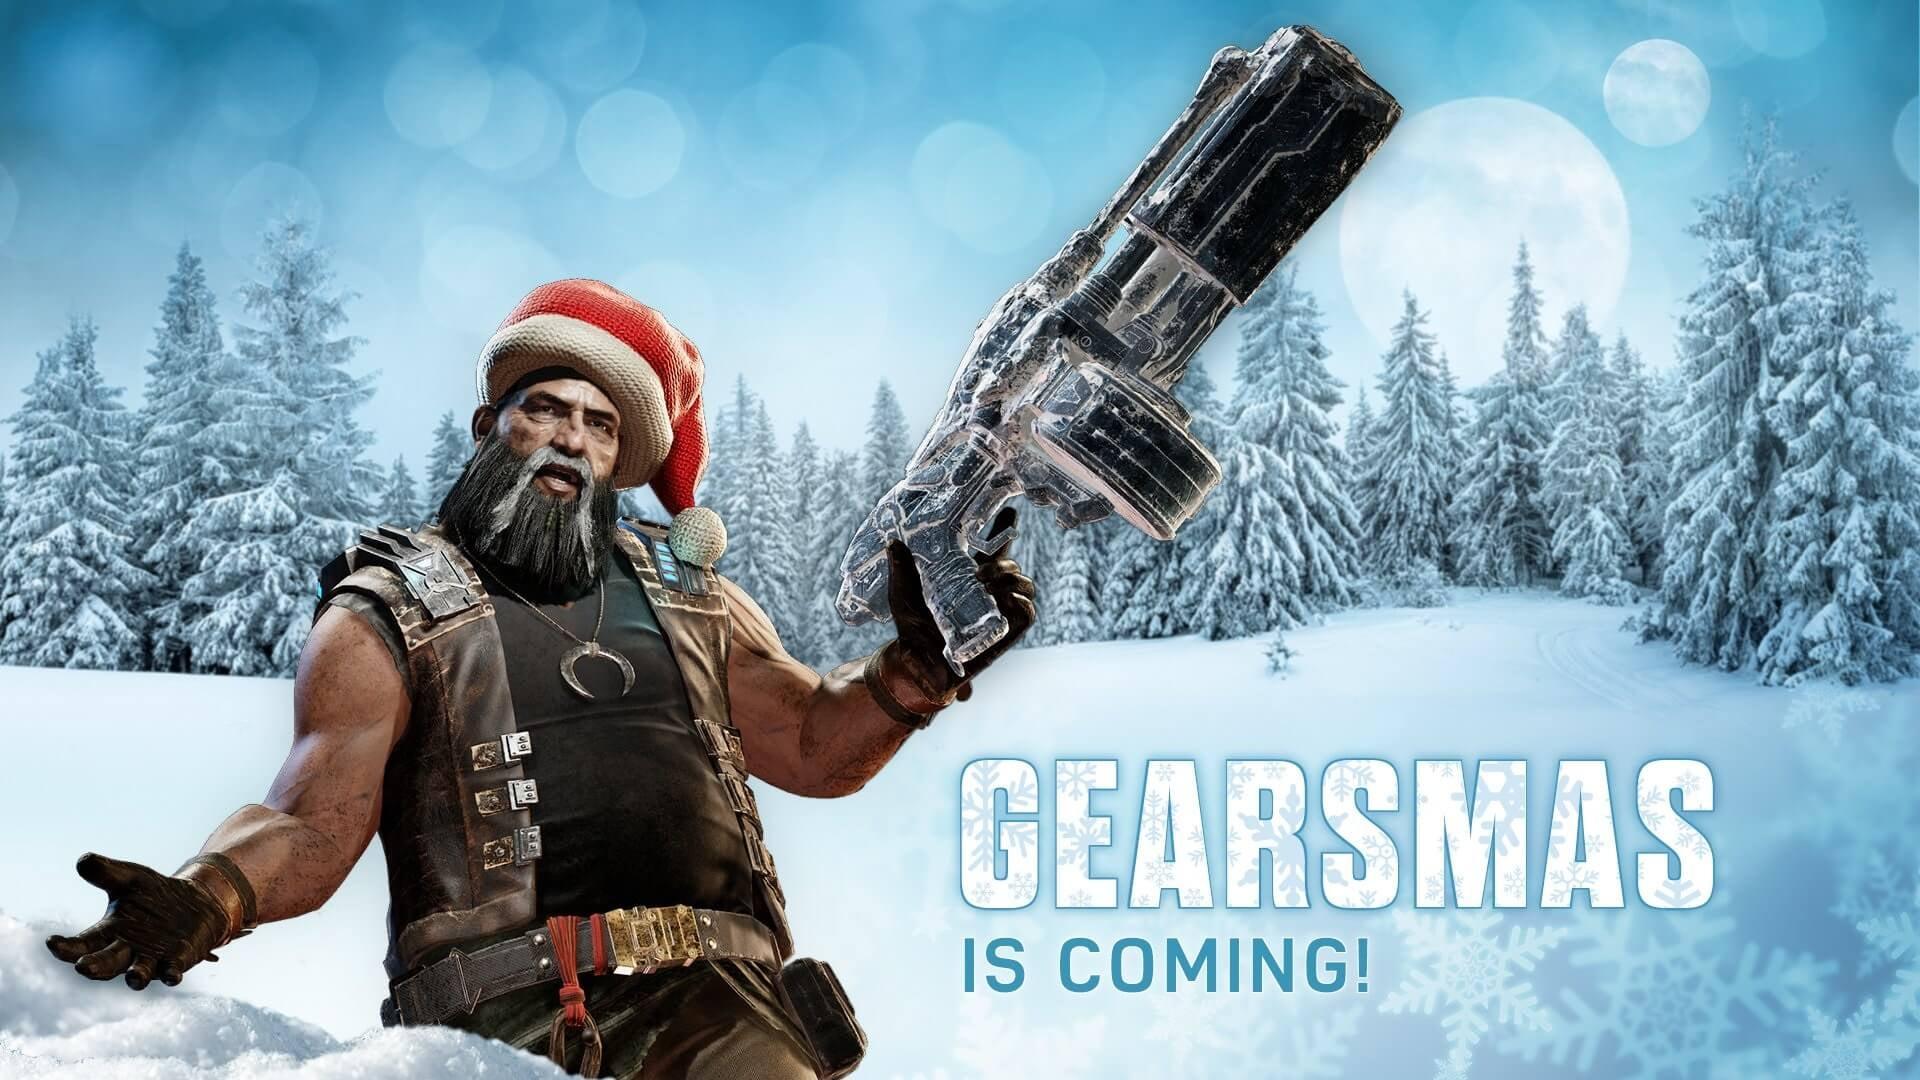 Gearsmas Arrives In Gears Of War 4